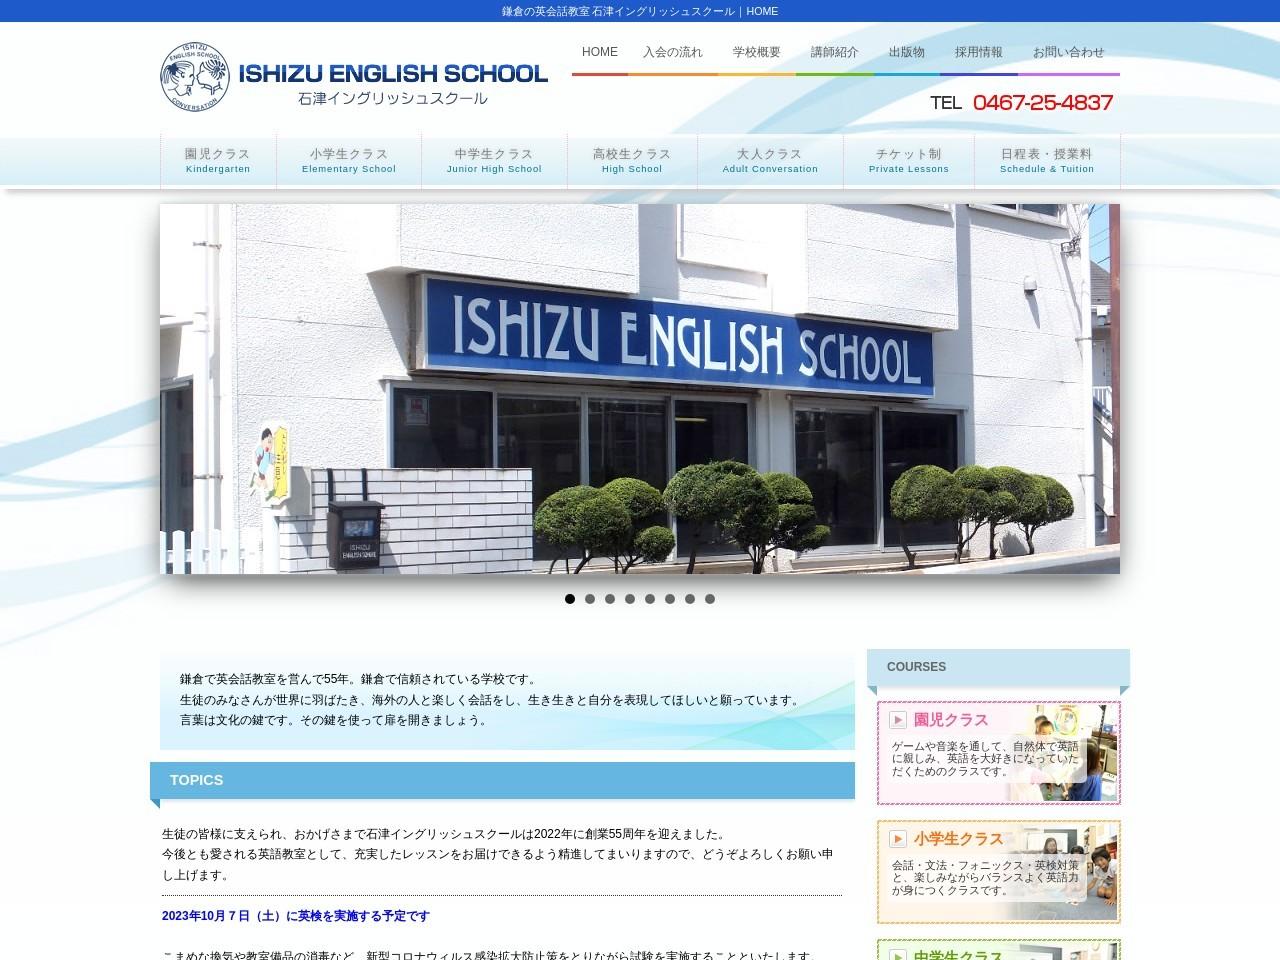 石津イングリッシュスクール